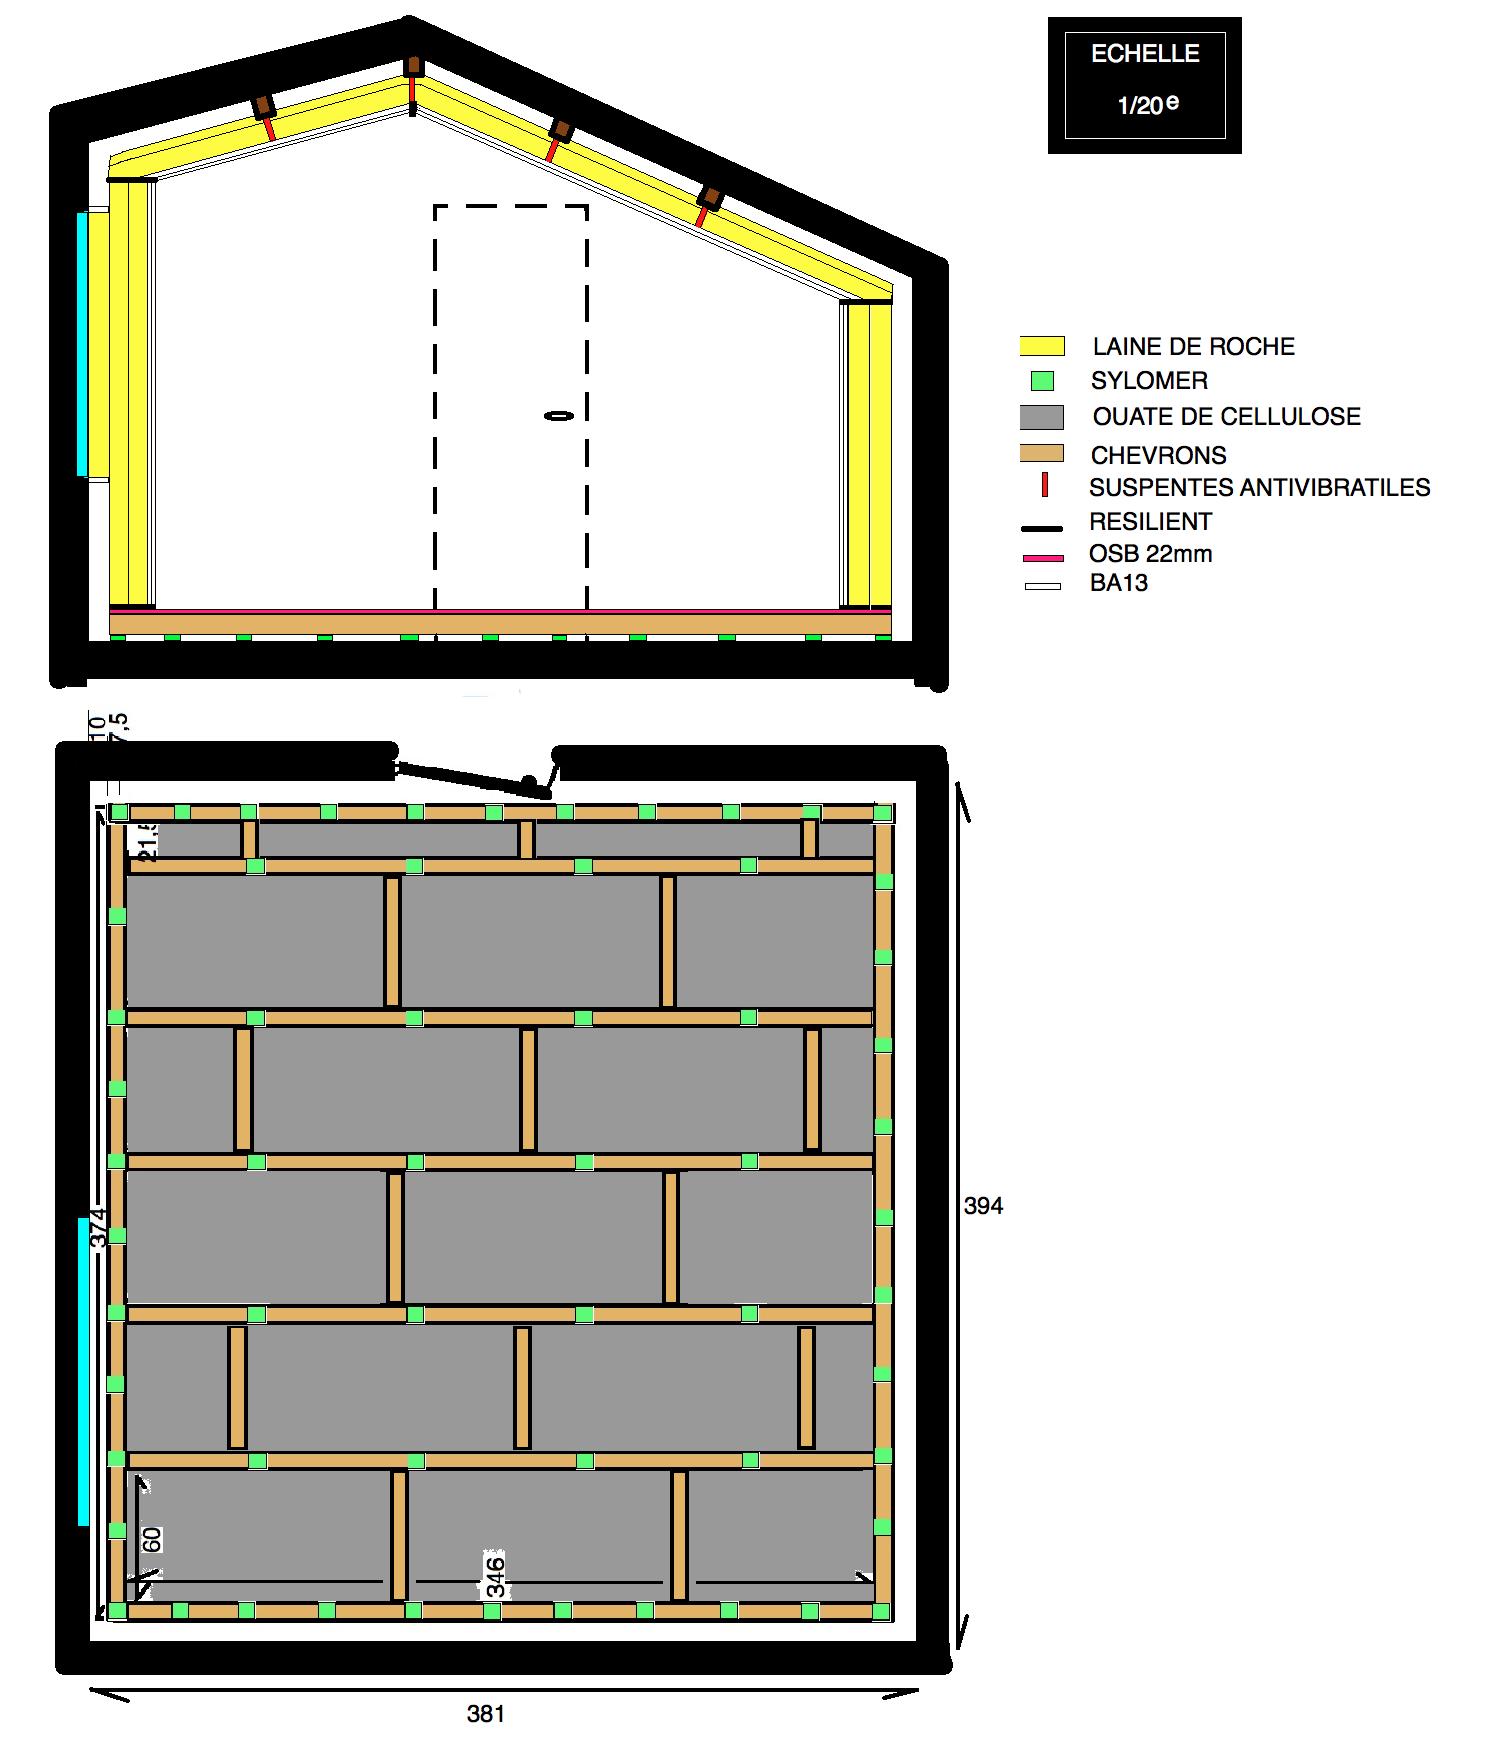 boite dans la boite 15m2 a moins de 2500 forum mobilier accessoires am nagement studio. Black Bedroom Furniture Sets. Home Design Ideas